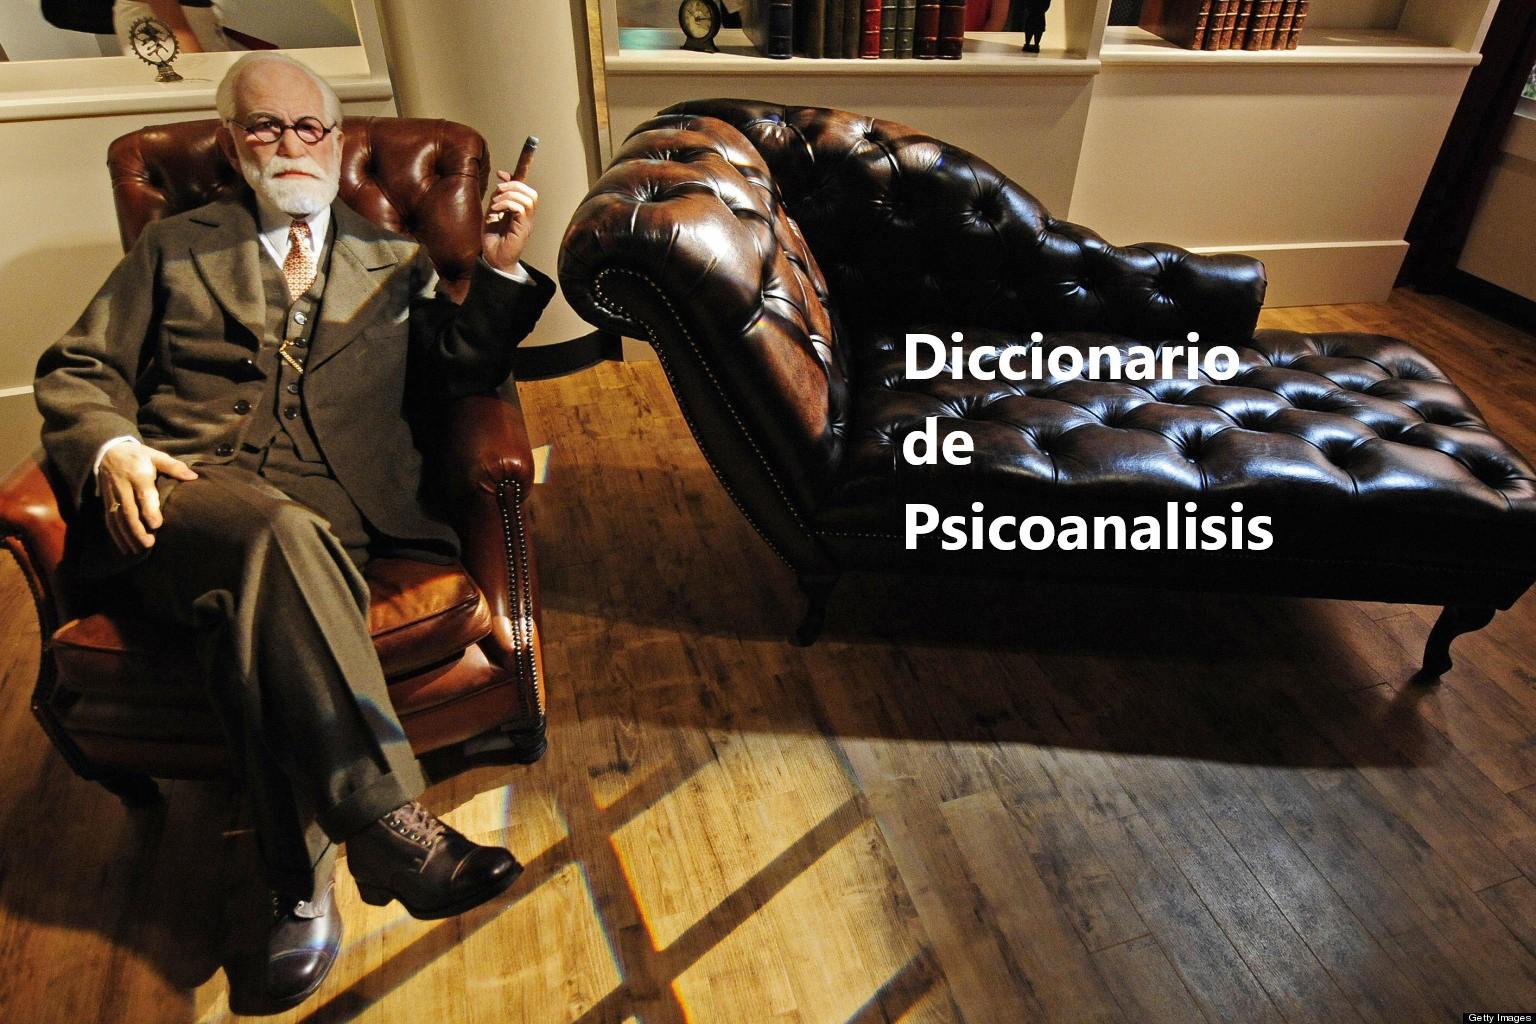 Diccionario de psicoanálisis. PDF